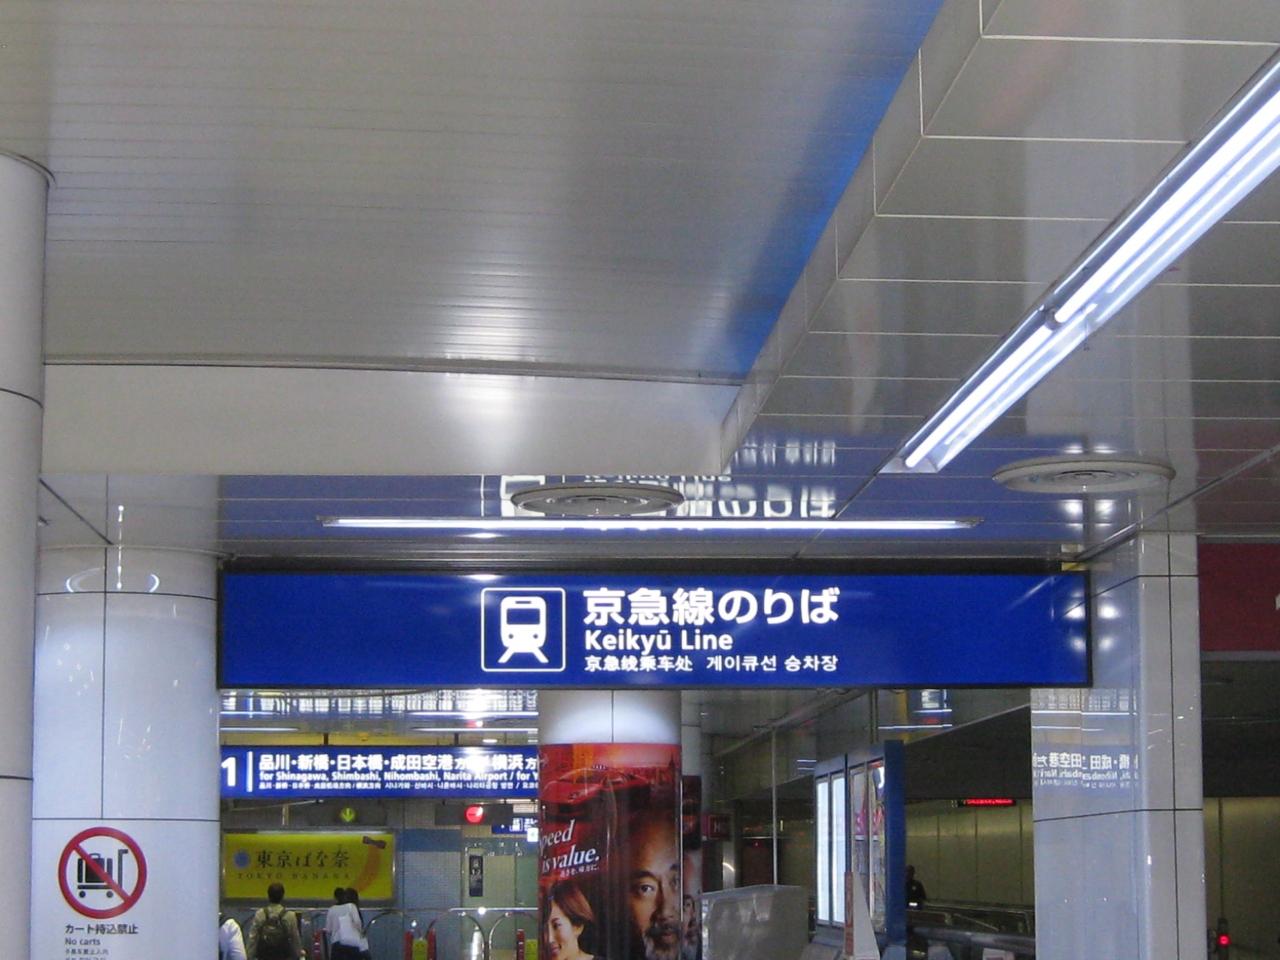 羽田空港国内線ターミナル駅 (京浜急行電鉄空港線) クチコミ ...